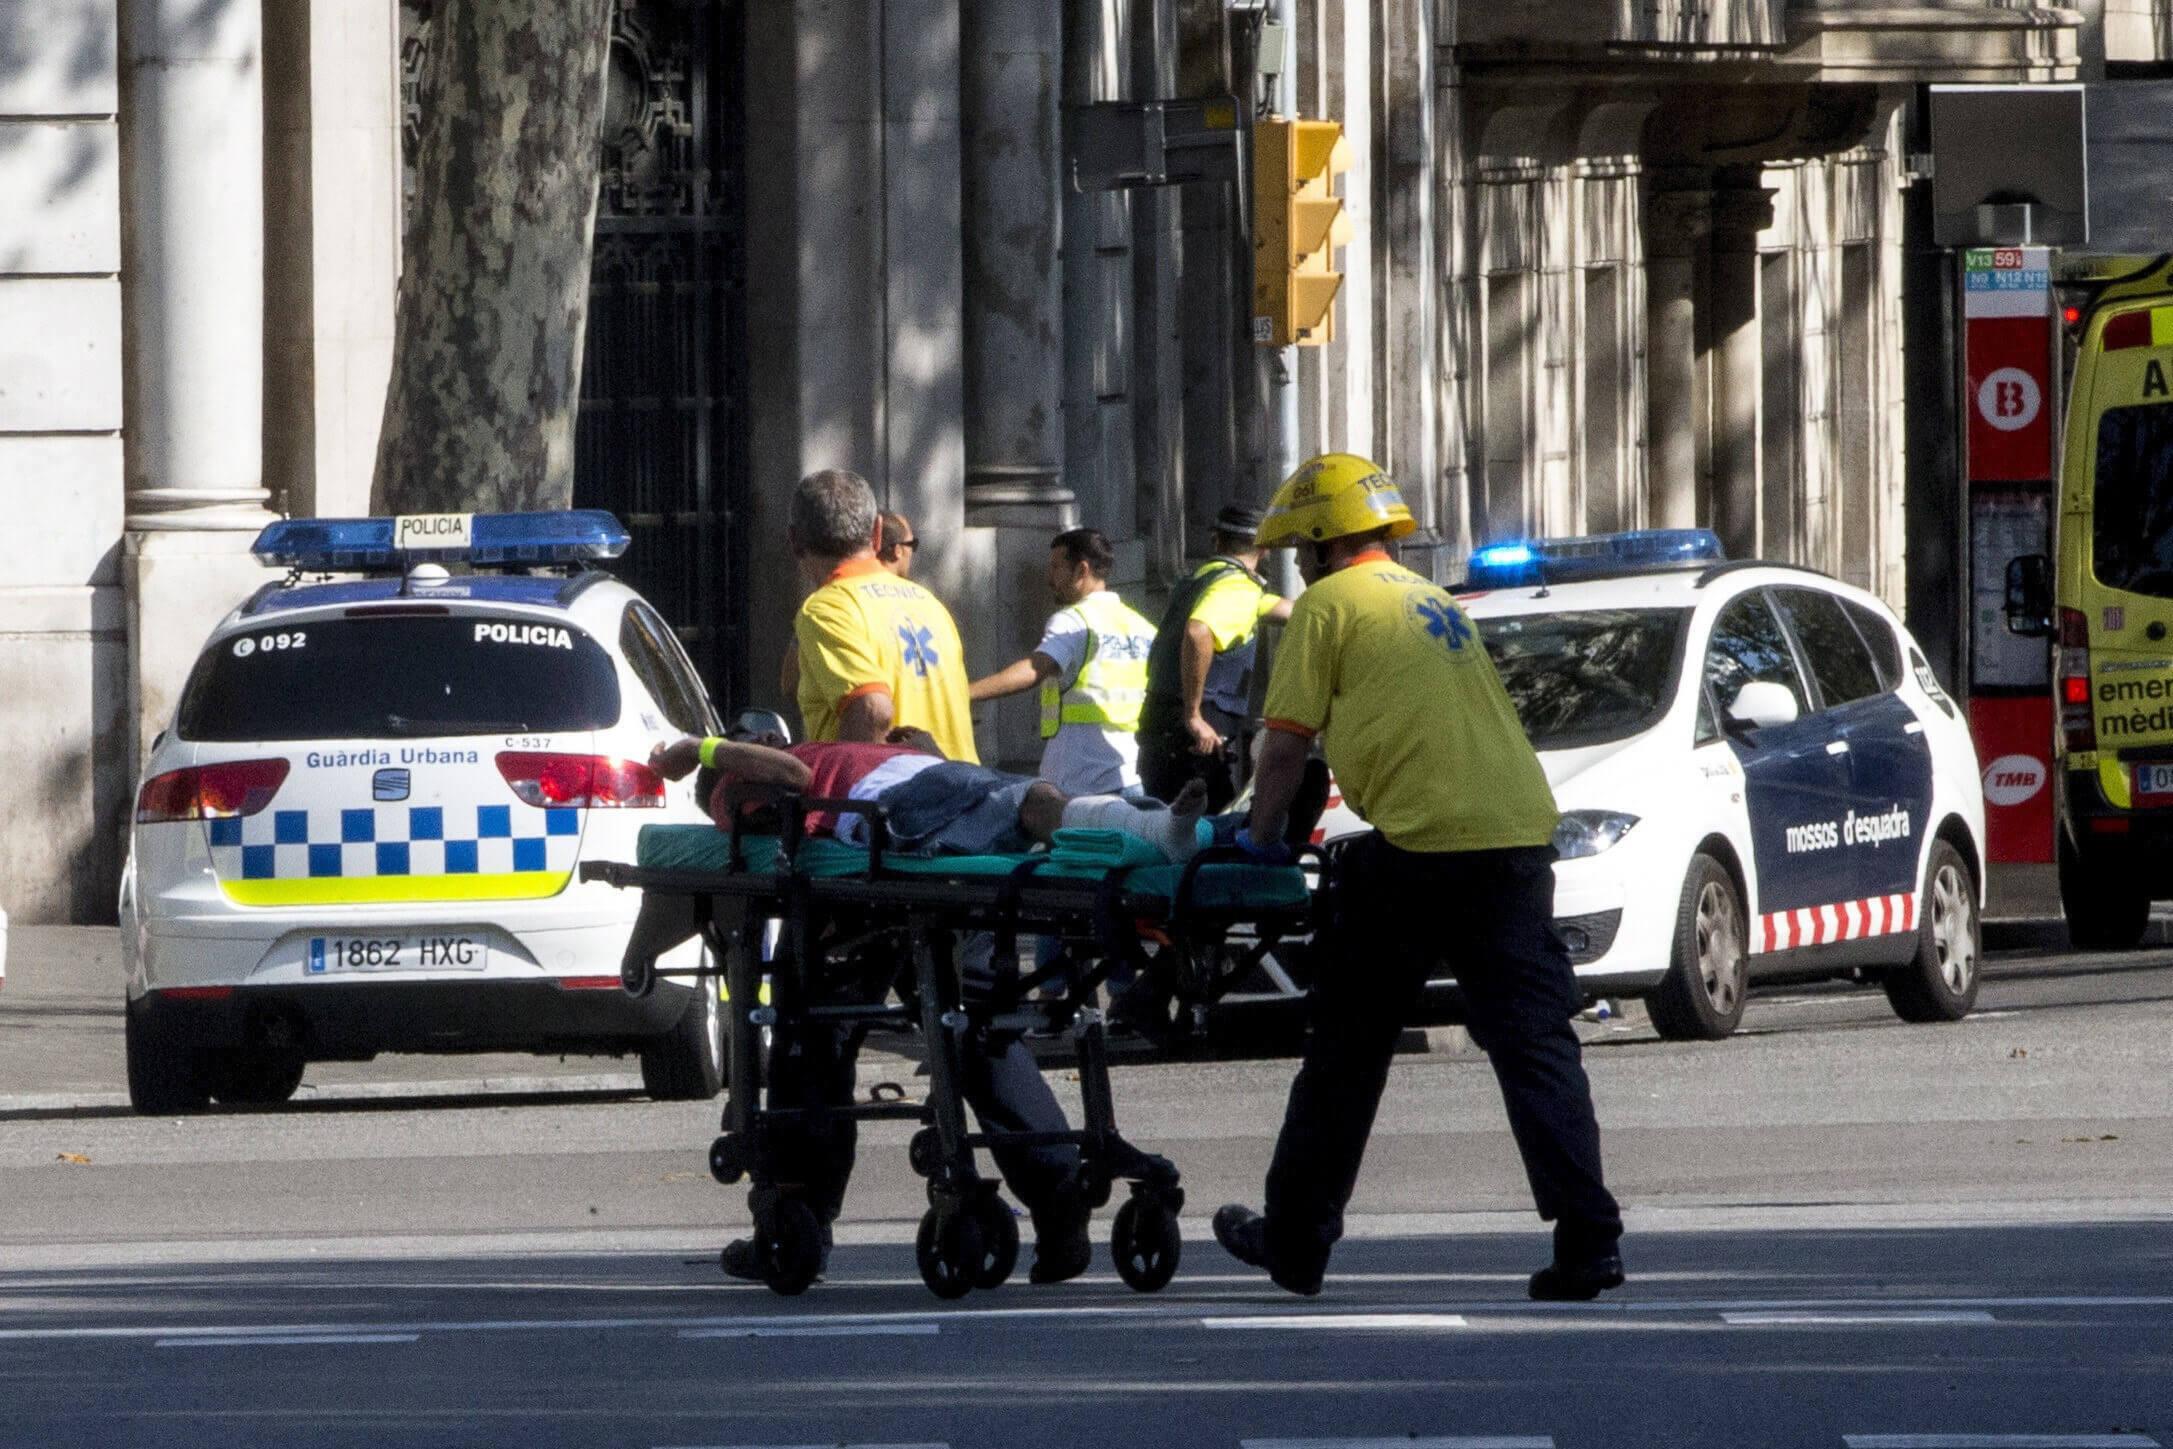 El único motivo por el que abandonar el lugar del accidente es una lesión de extrema gravedad